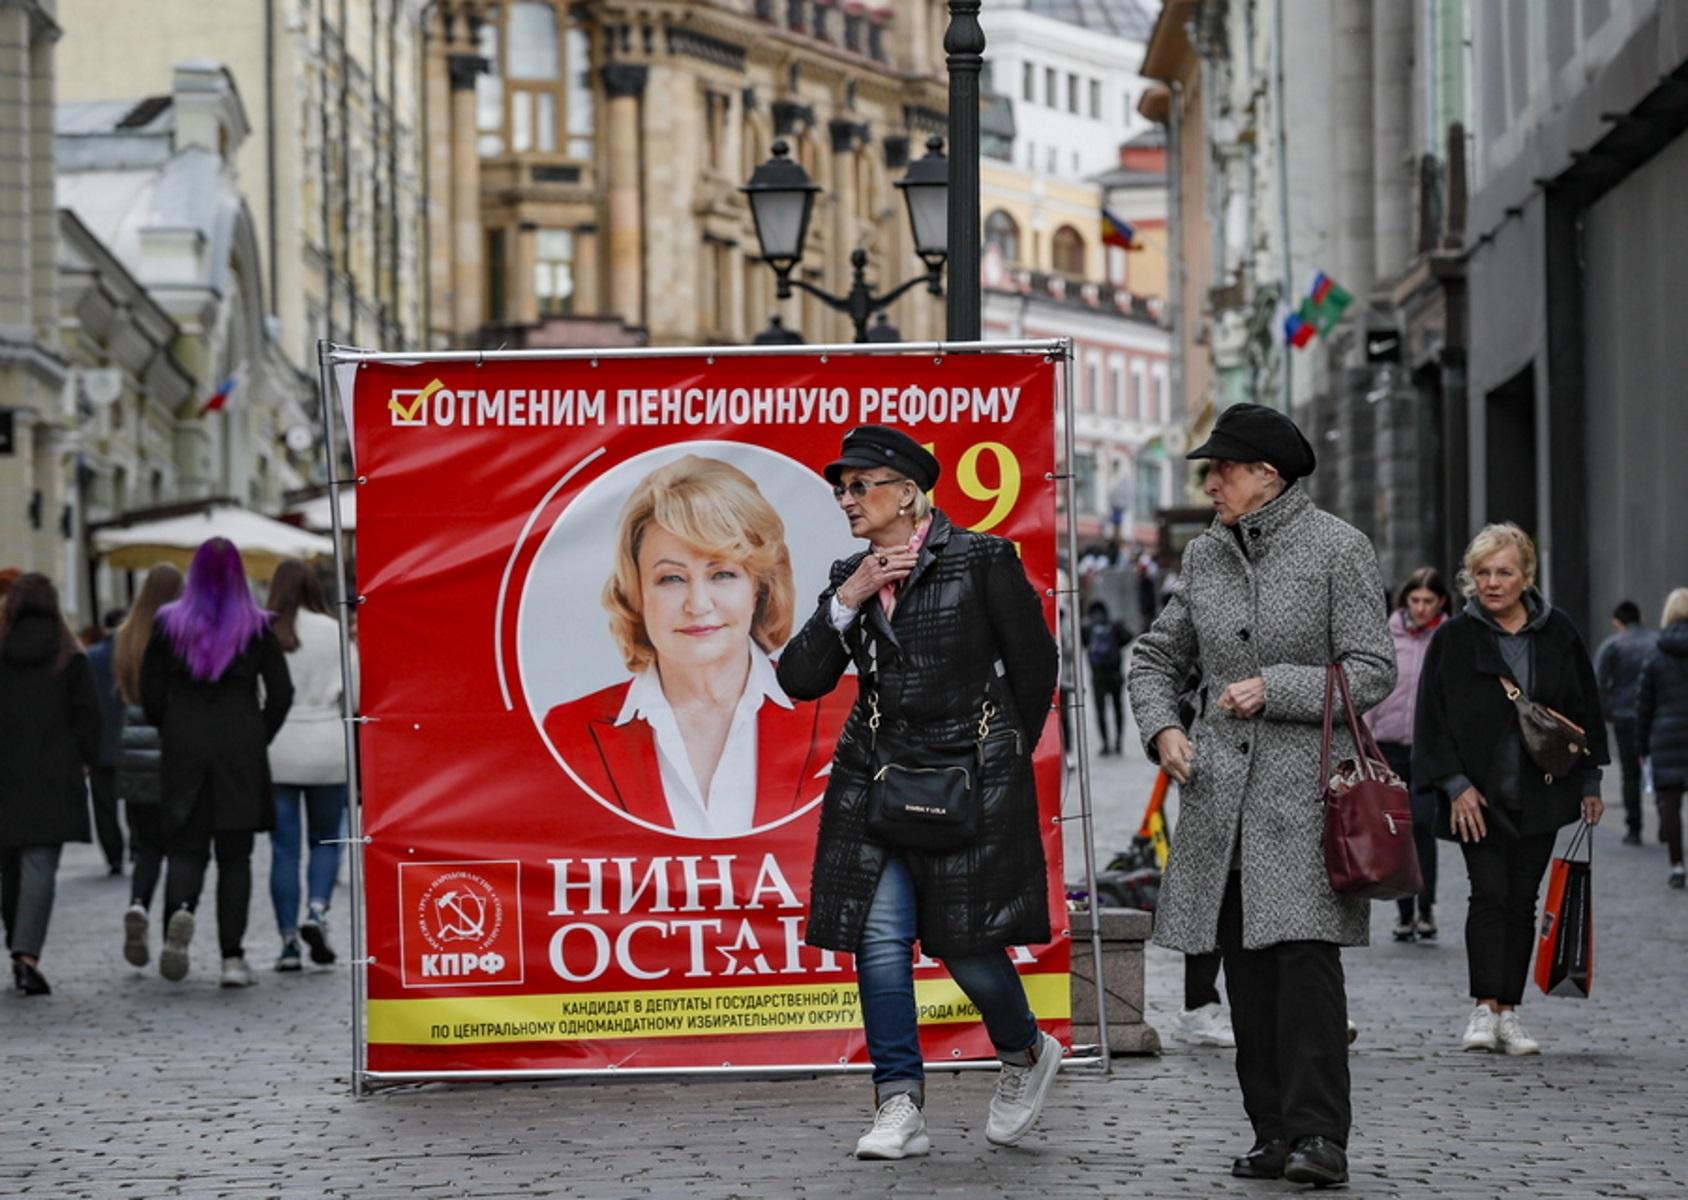 Ρωσία: Άνοιξαν οι κάλπες για τις βουλευτικές εκλογές